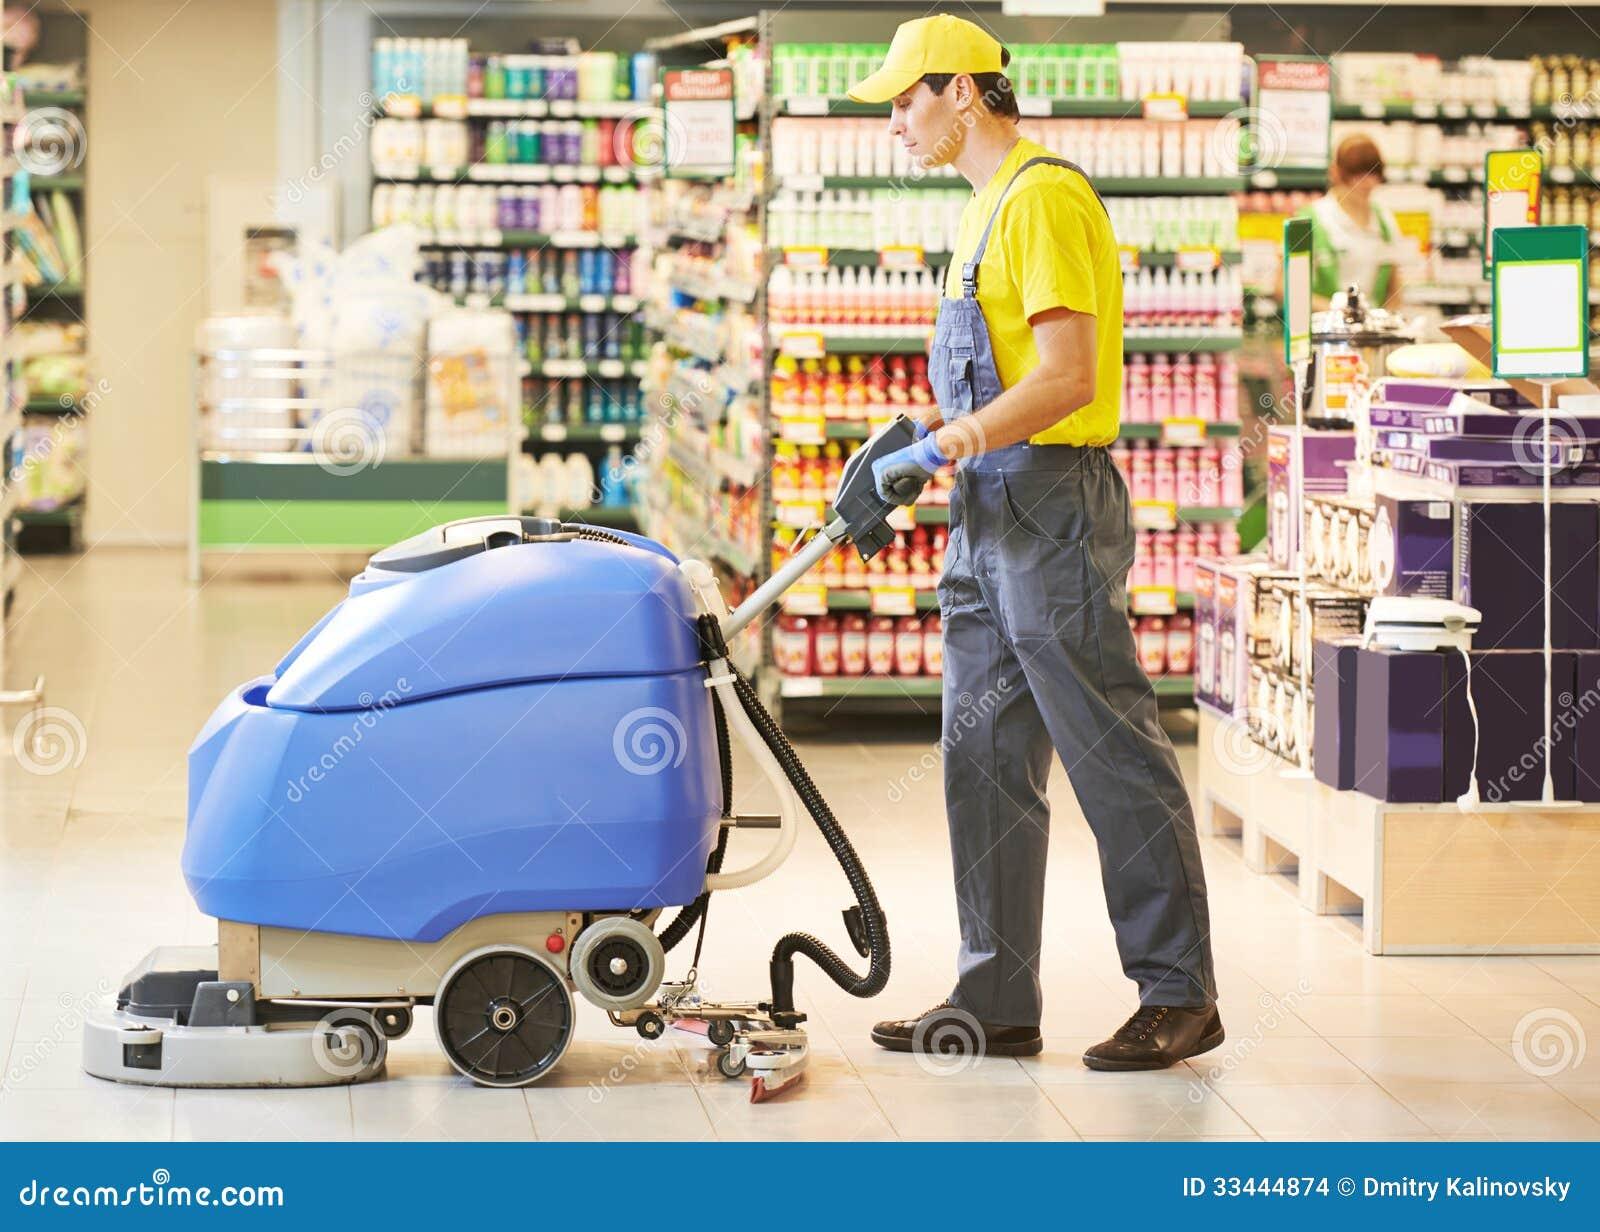 Les installations pour le nettoyage de la personne